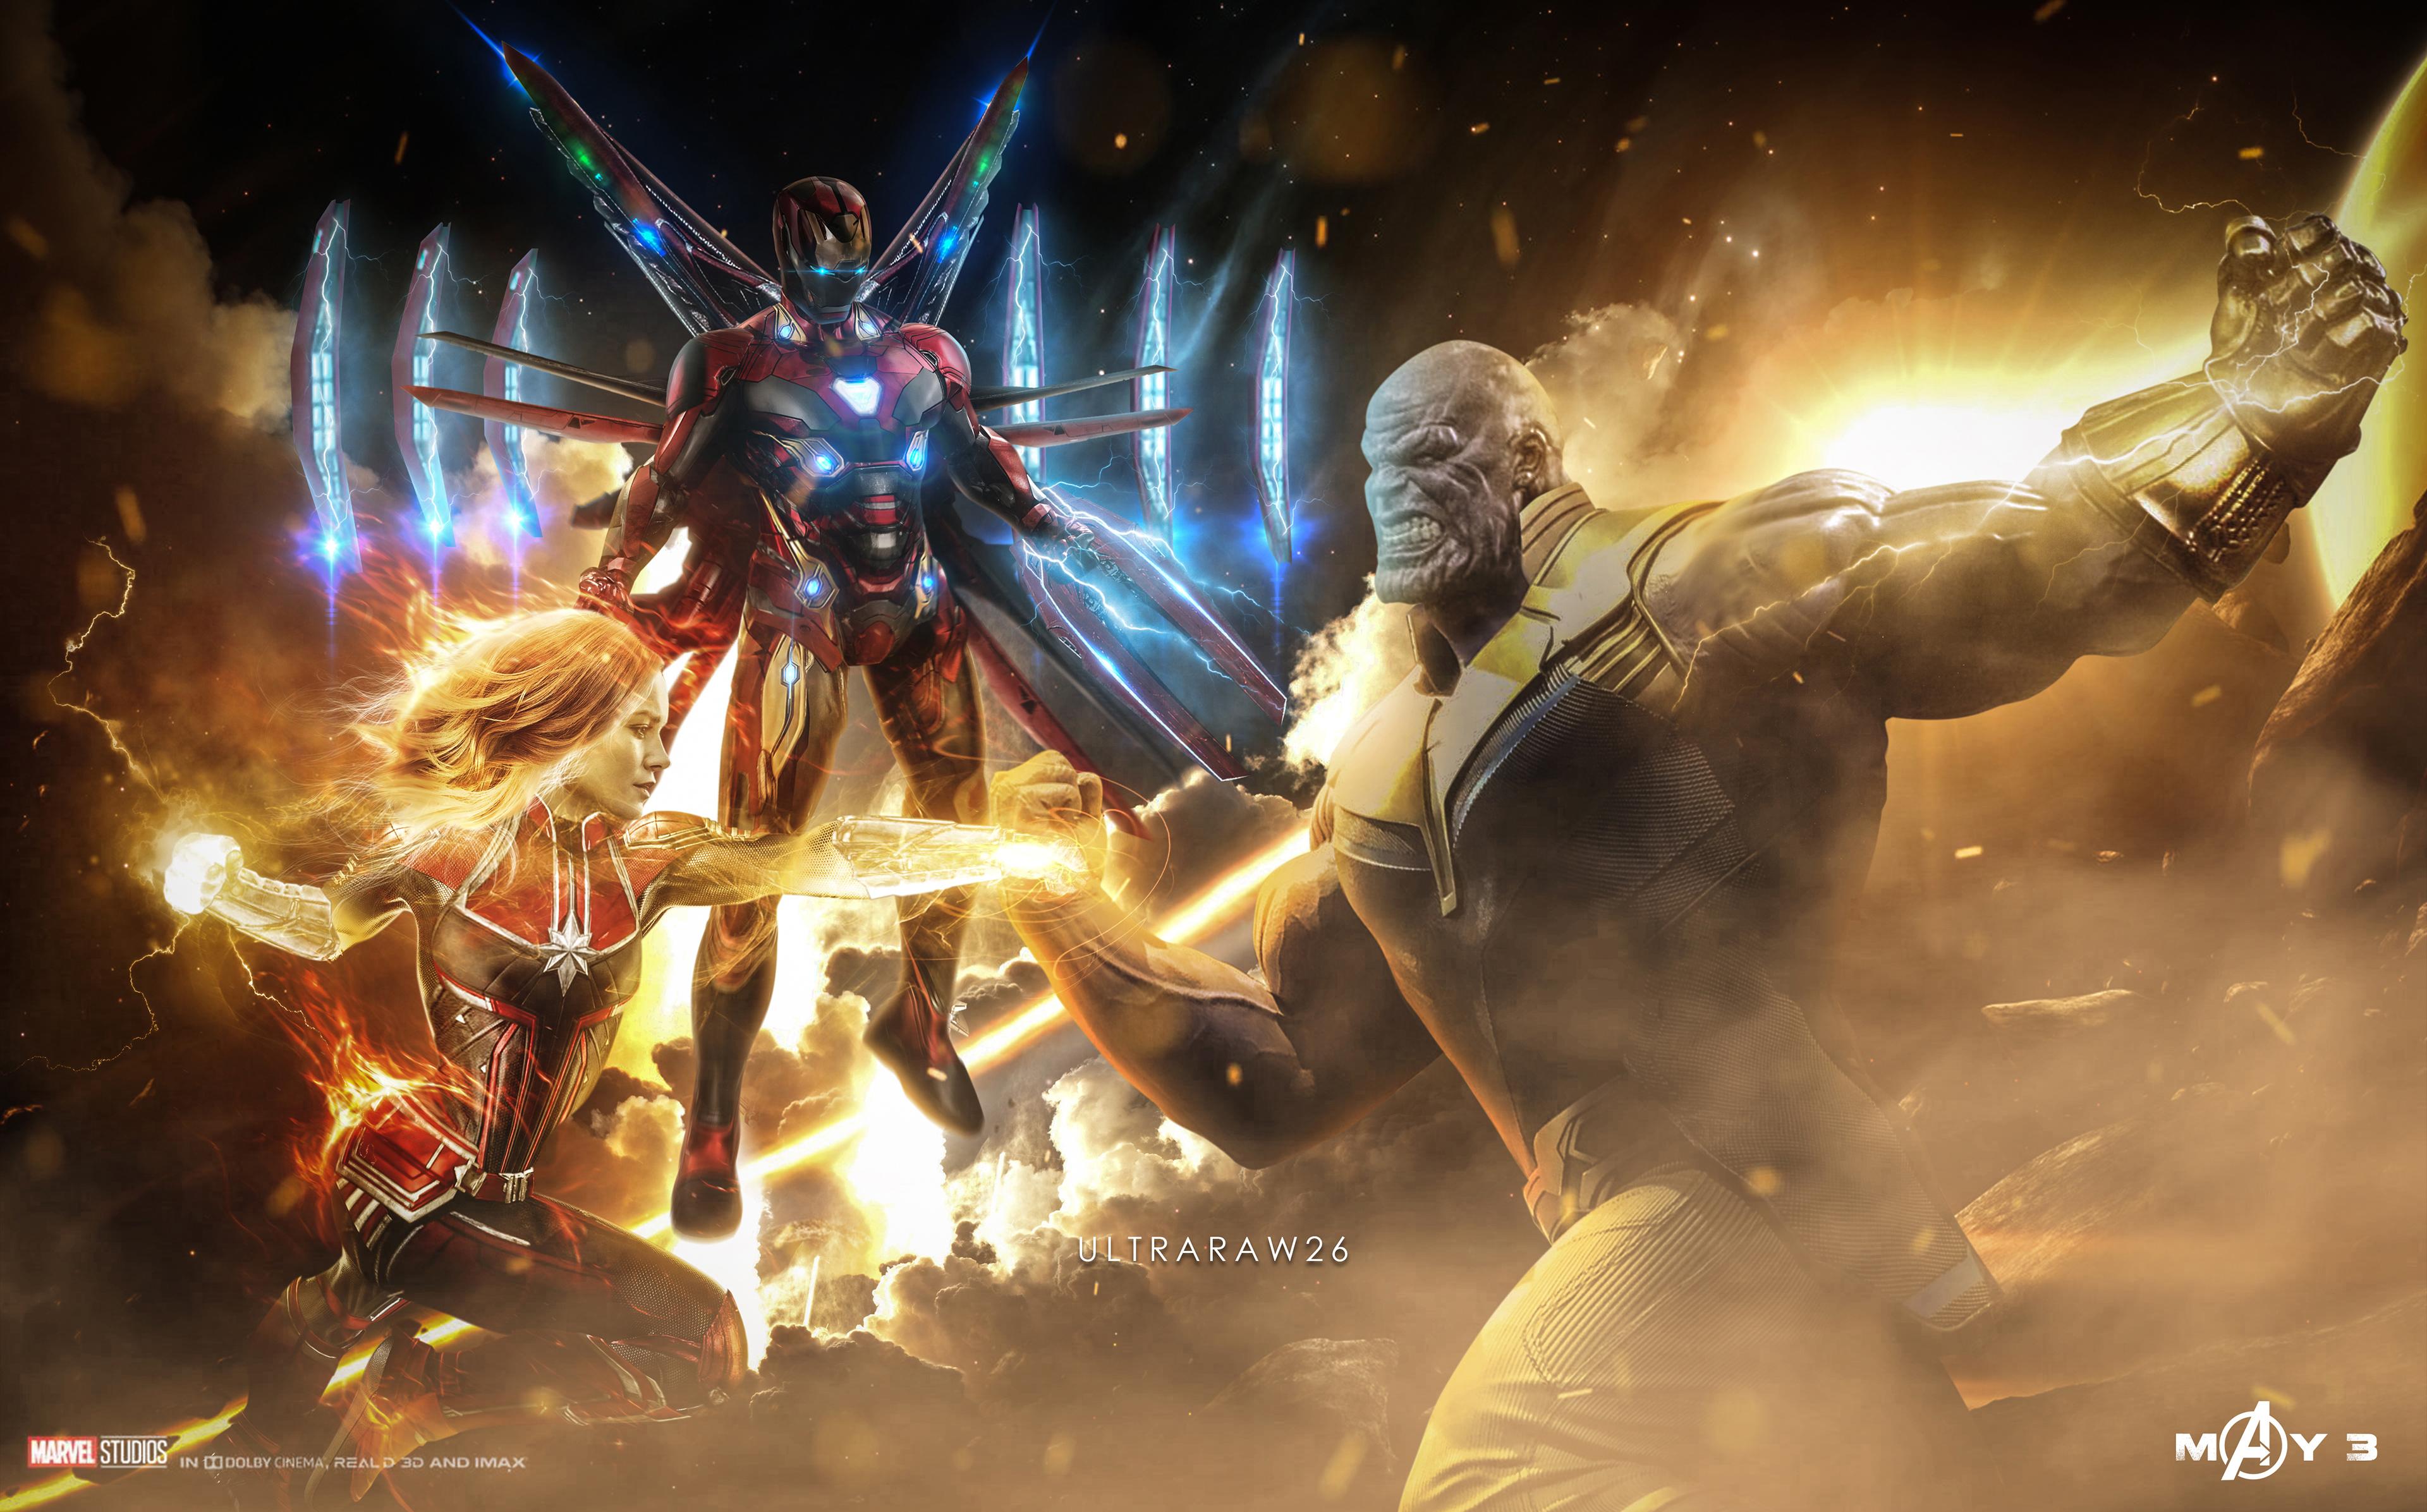 Wallpaper 4k Captain Marvel Thanos Iron Man Artwork Artwork